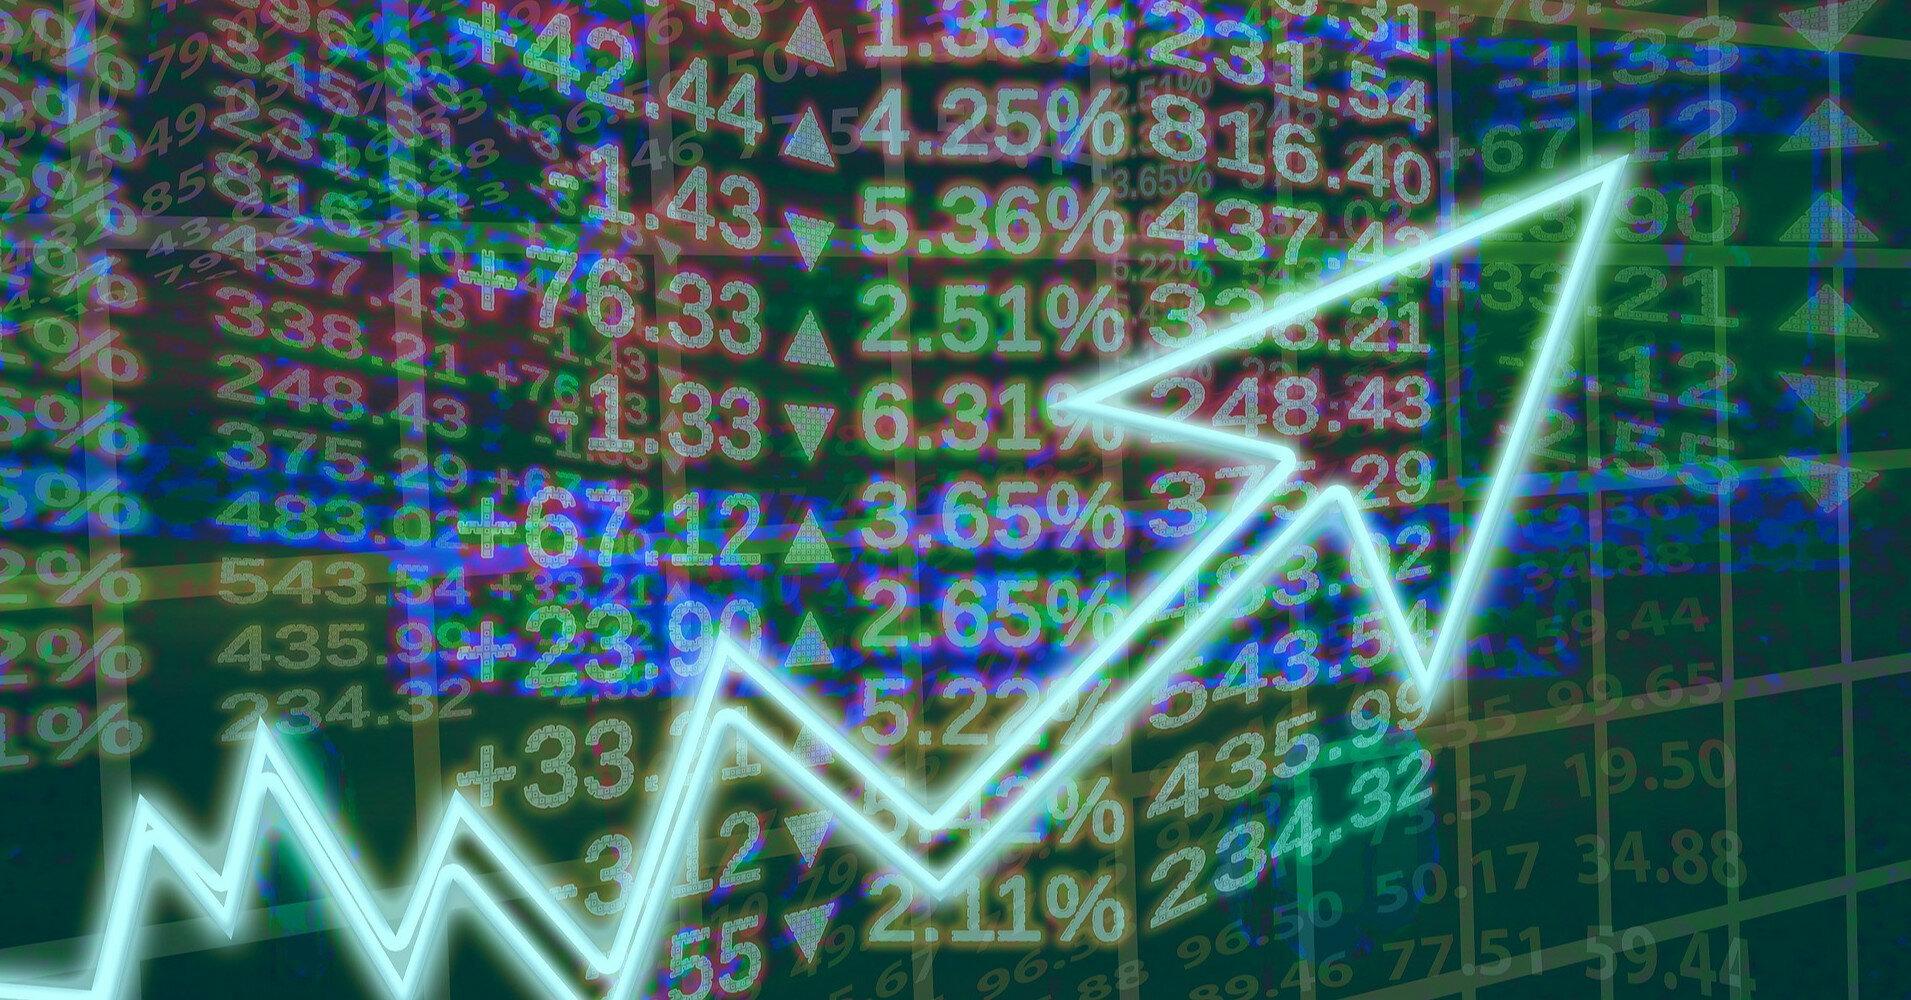 Госстат опубликовал данные по инфляции с начала года